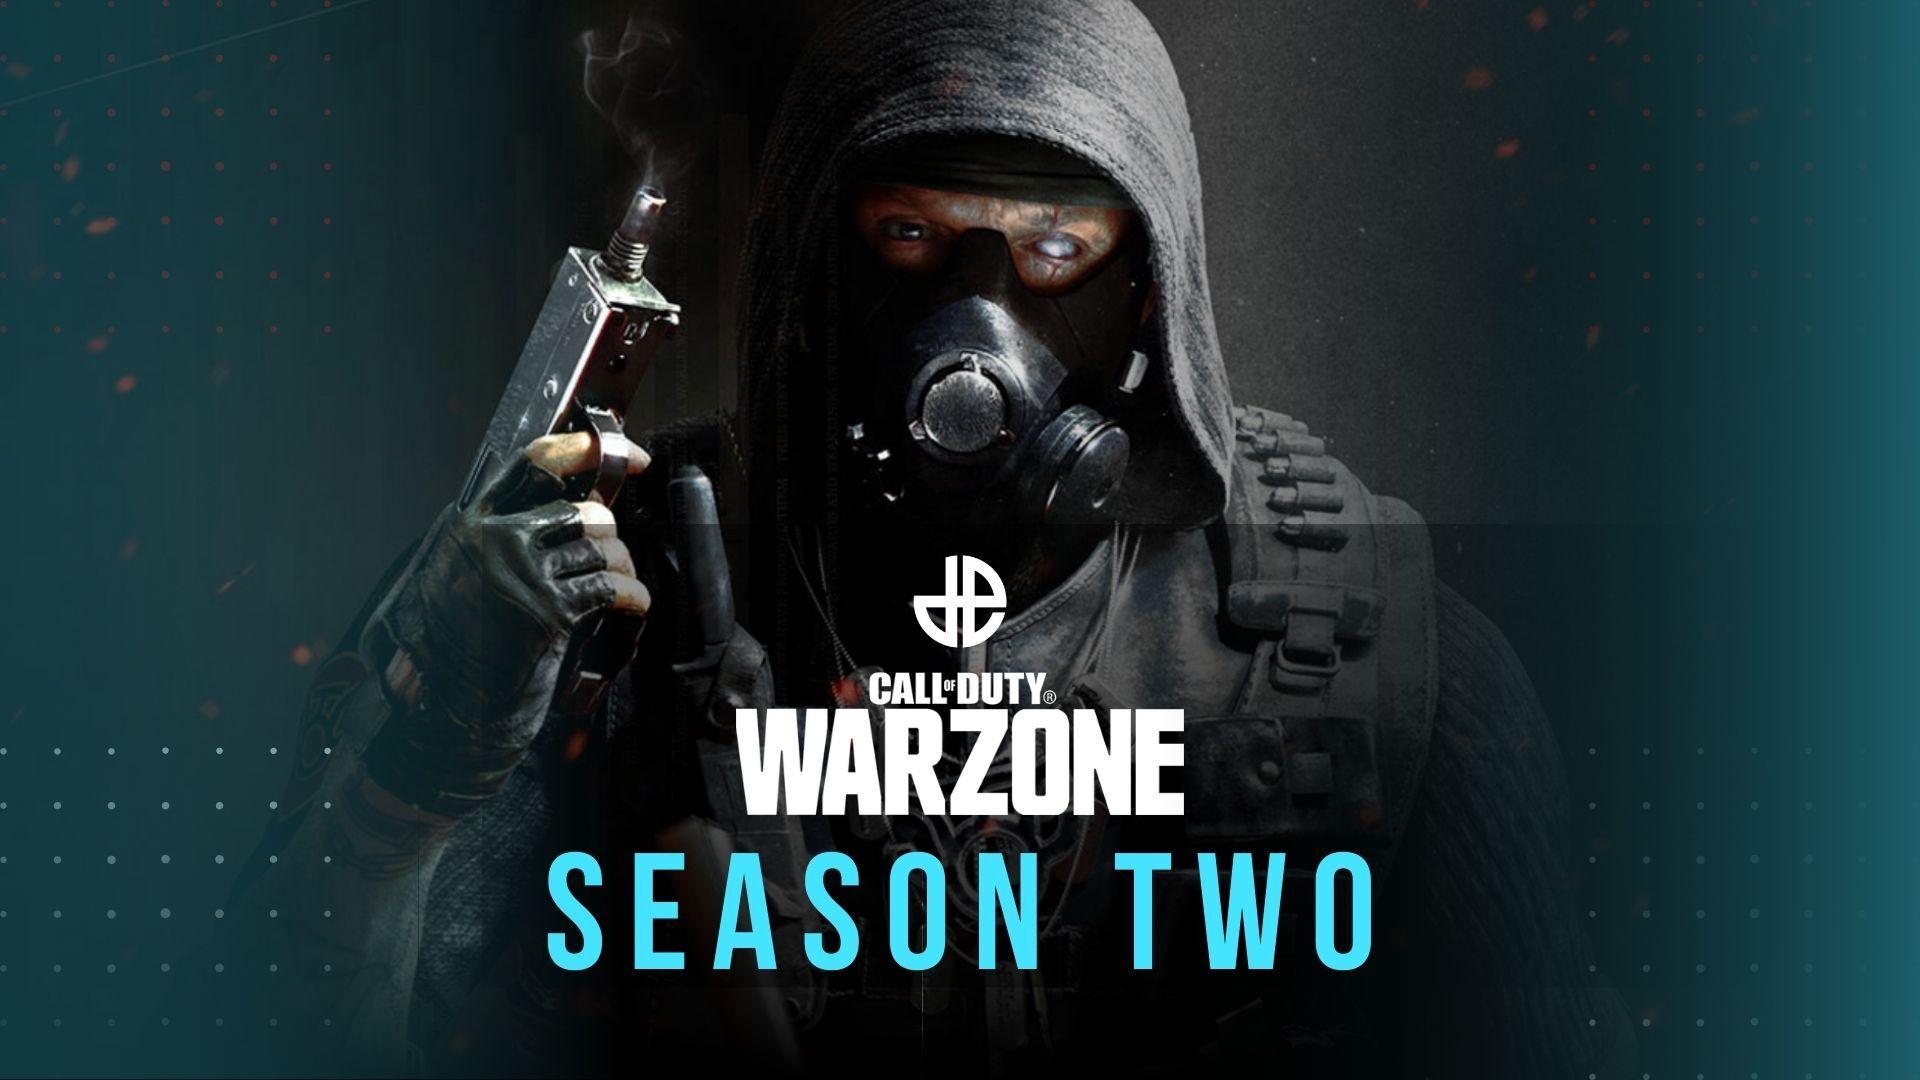 Warzone Season 2 changes